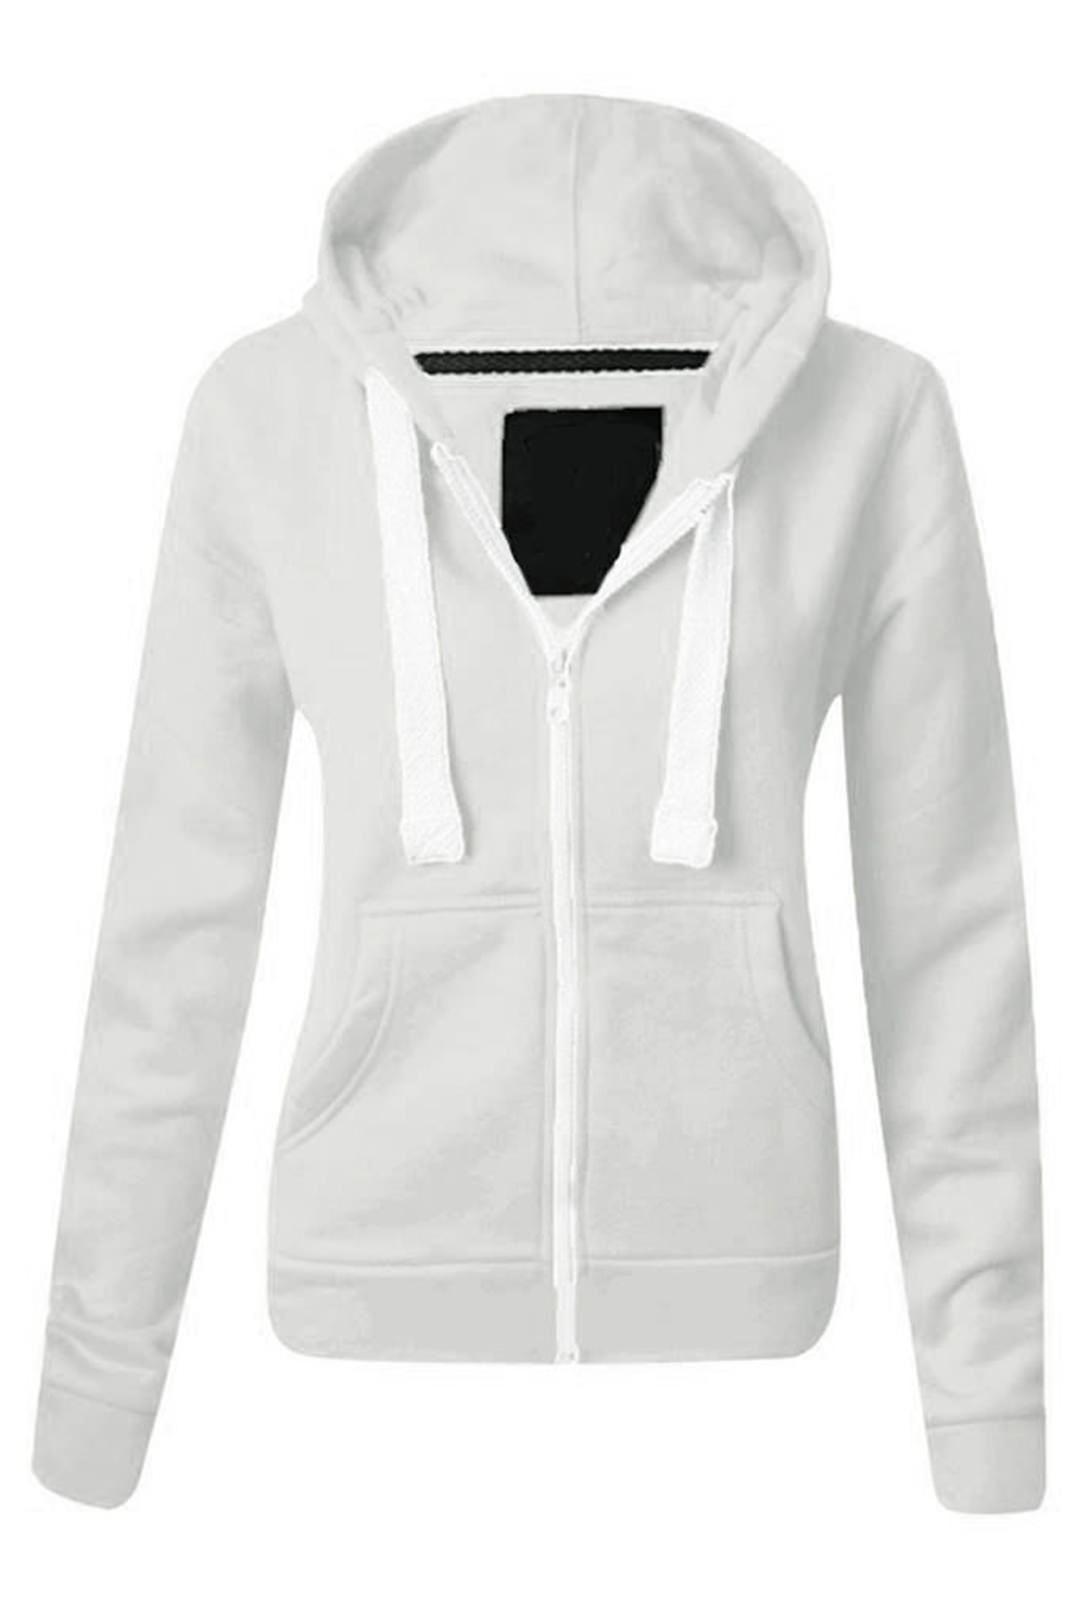 Womens white zip jacket